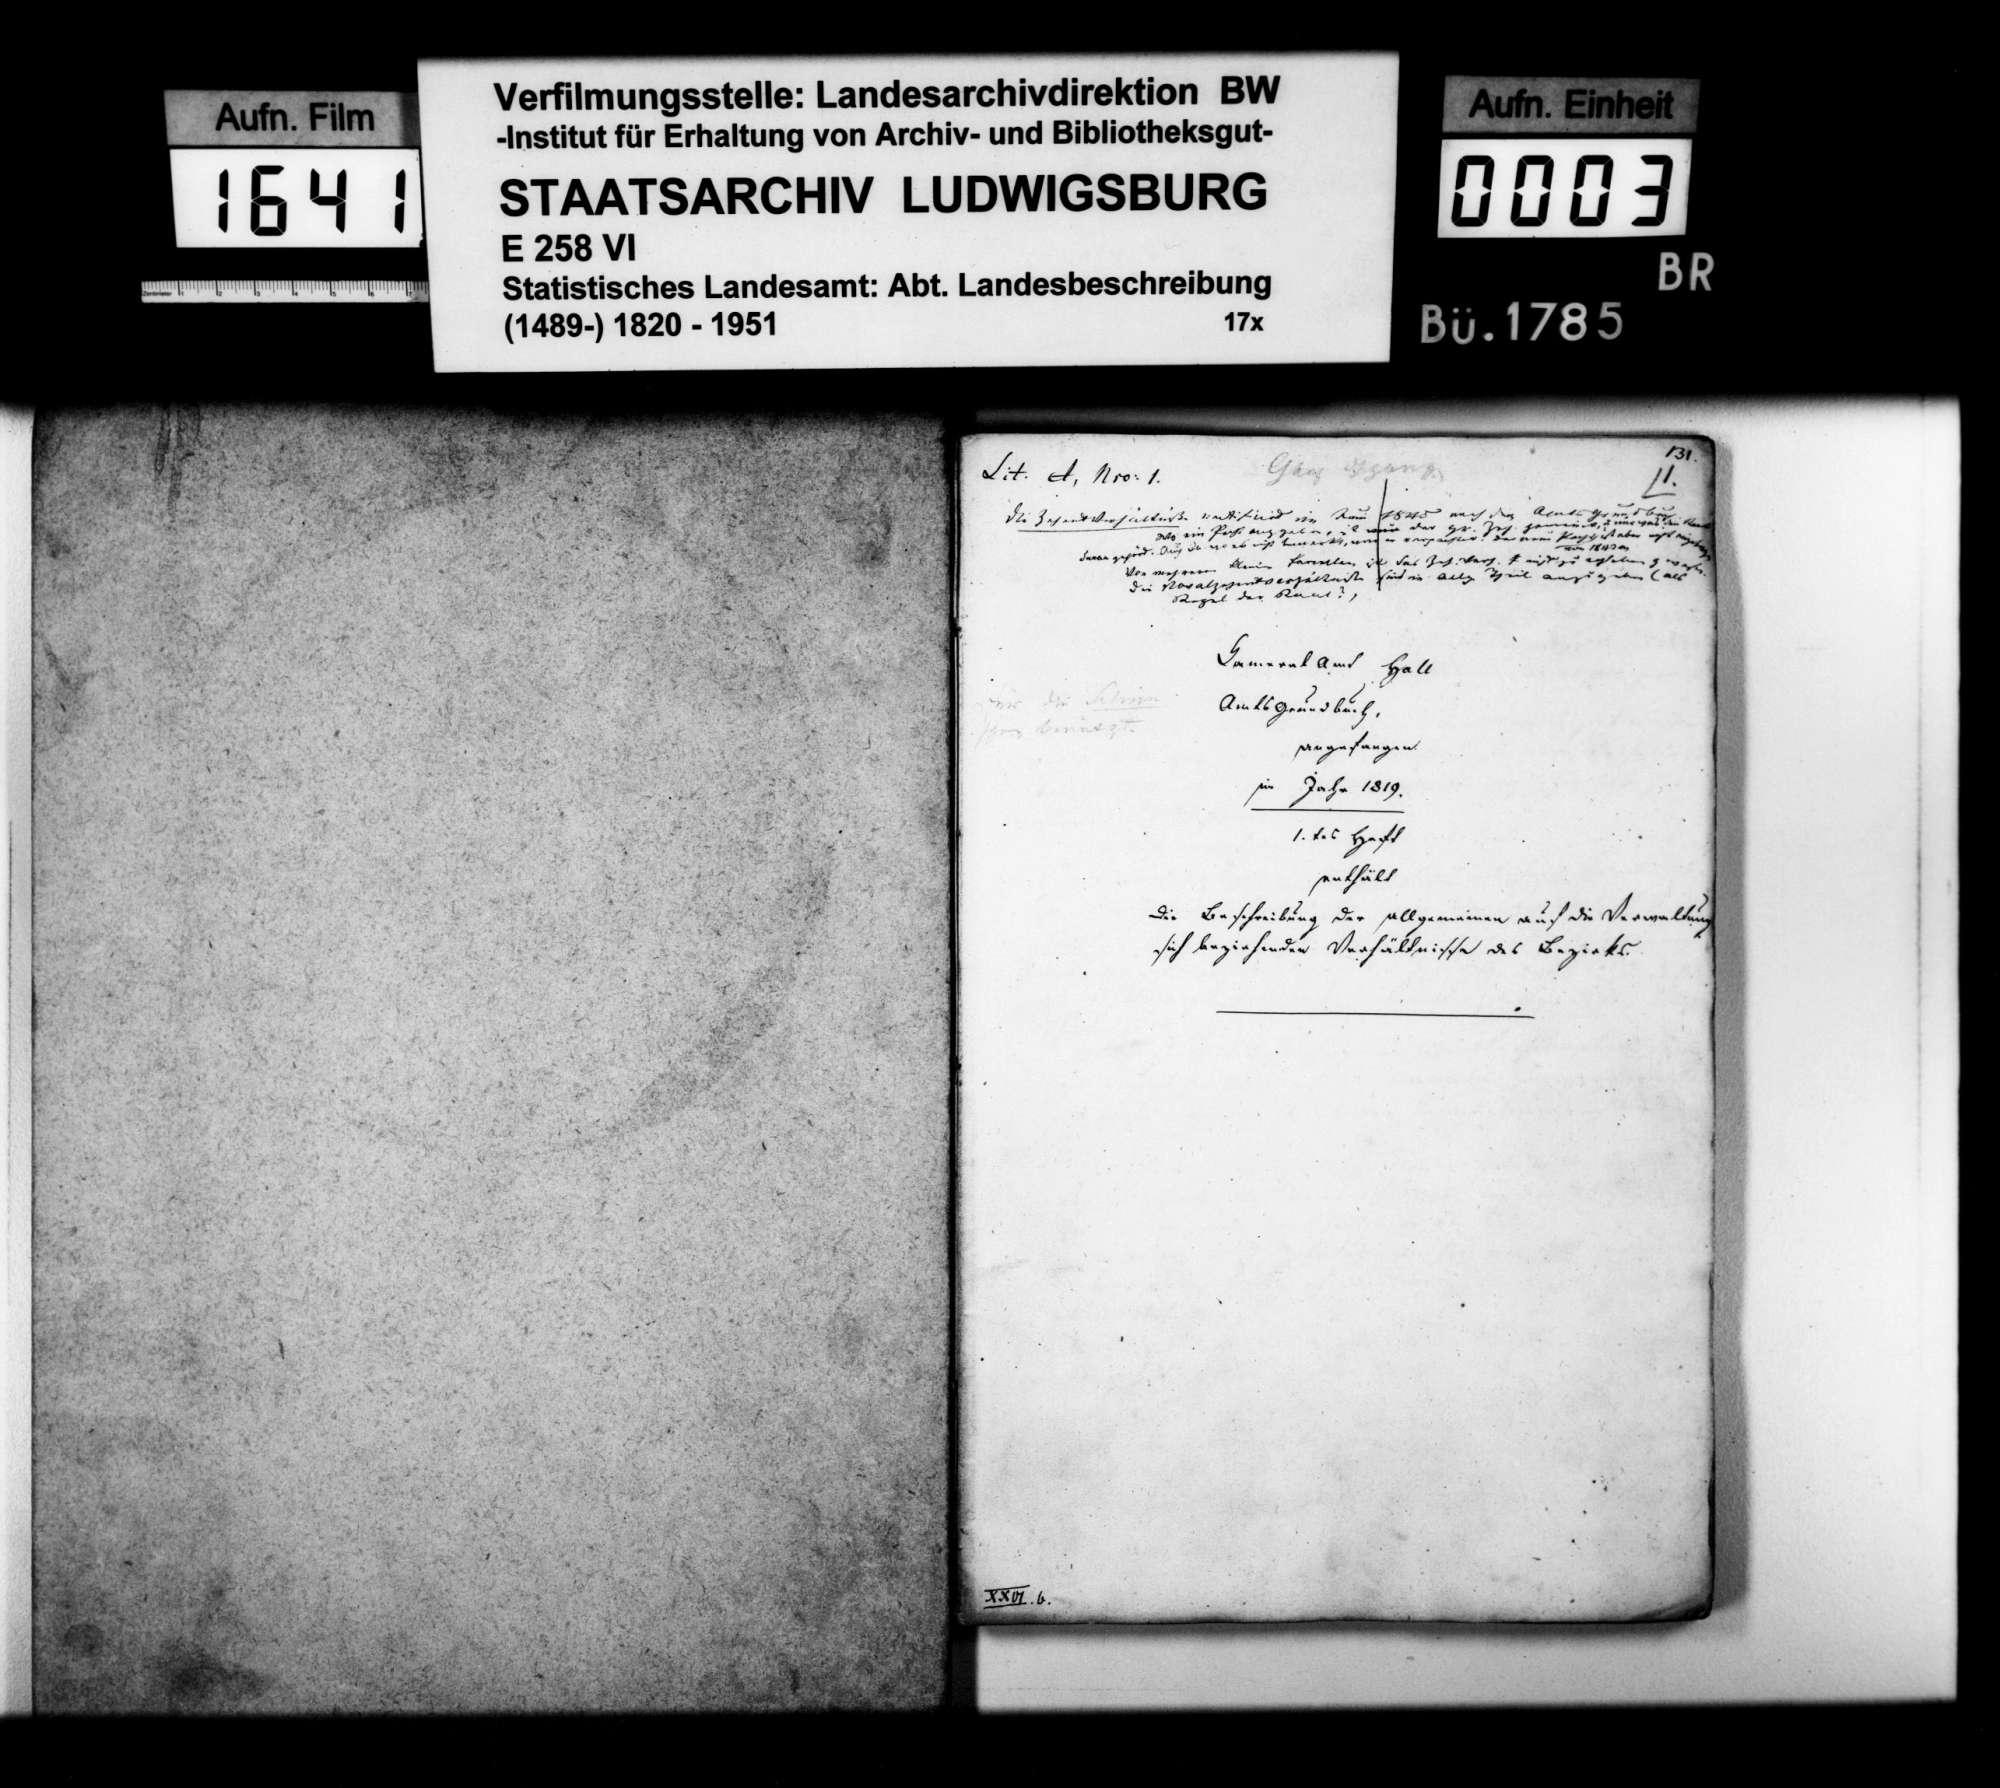 Auszüge aus Heft I des Kameralamtsgrundbuchs Hall von 1819 mit grundlegenden Daten zum Oberamt, Bild 1